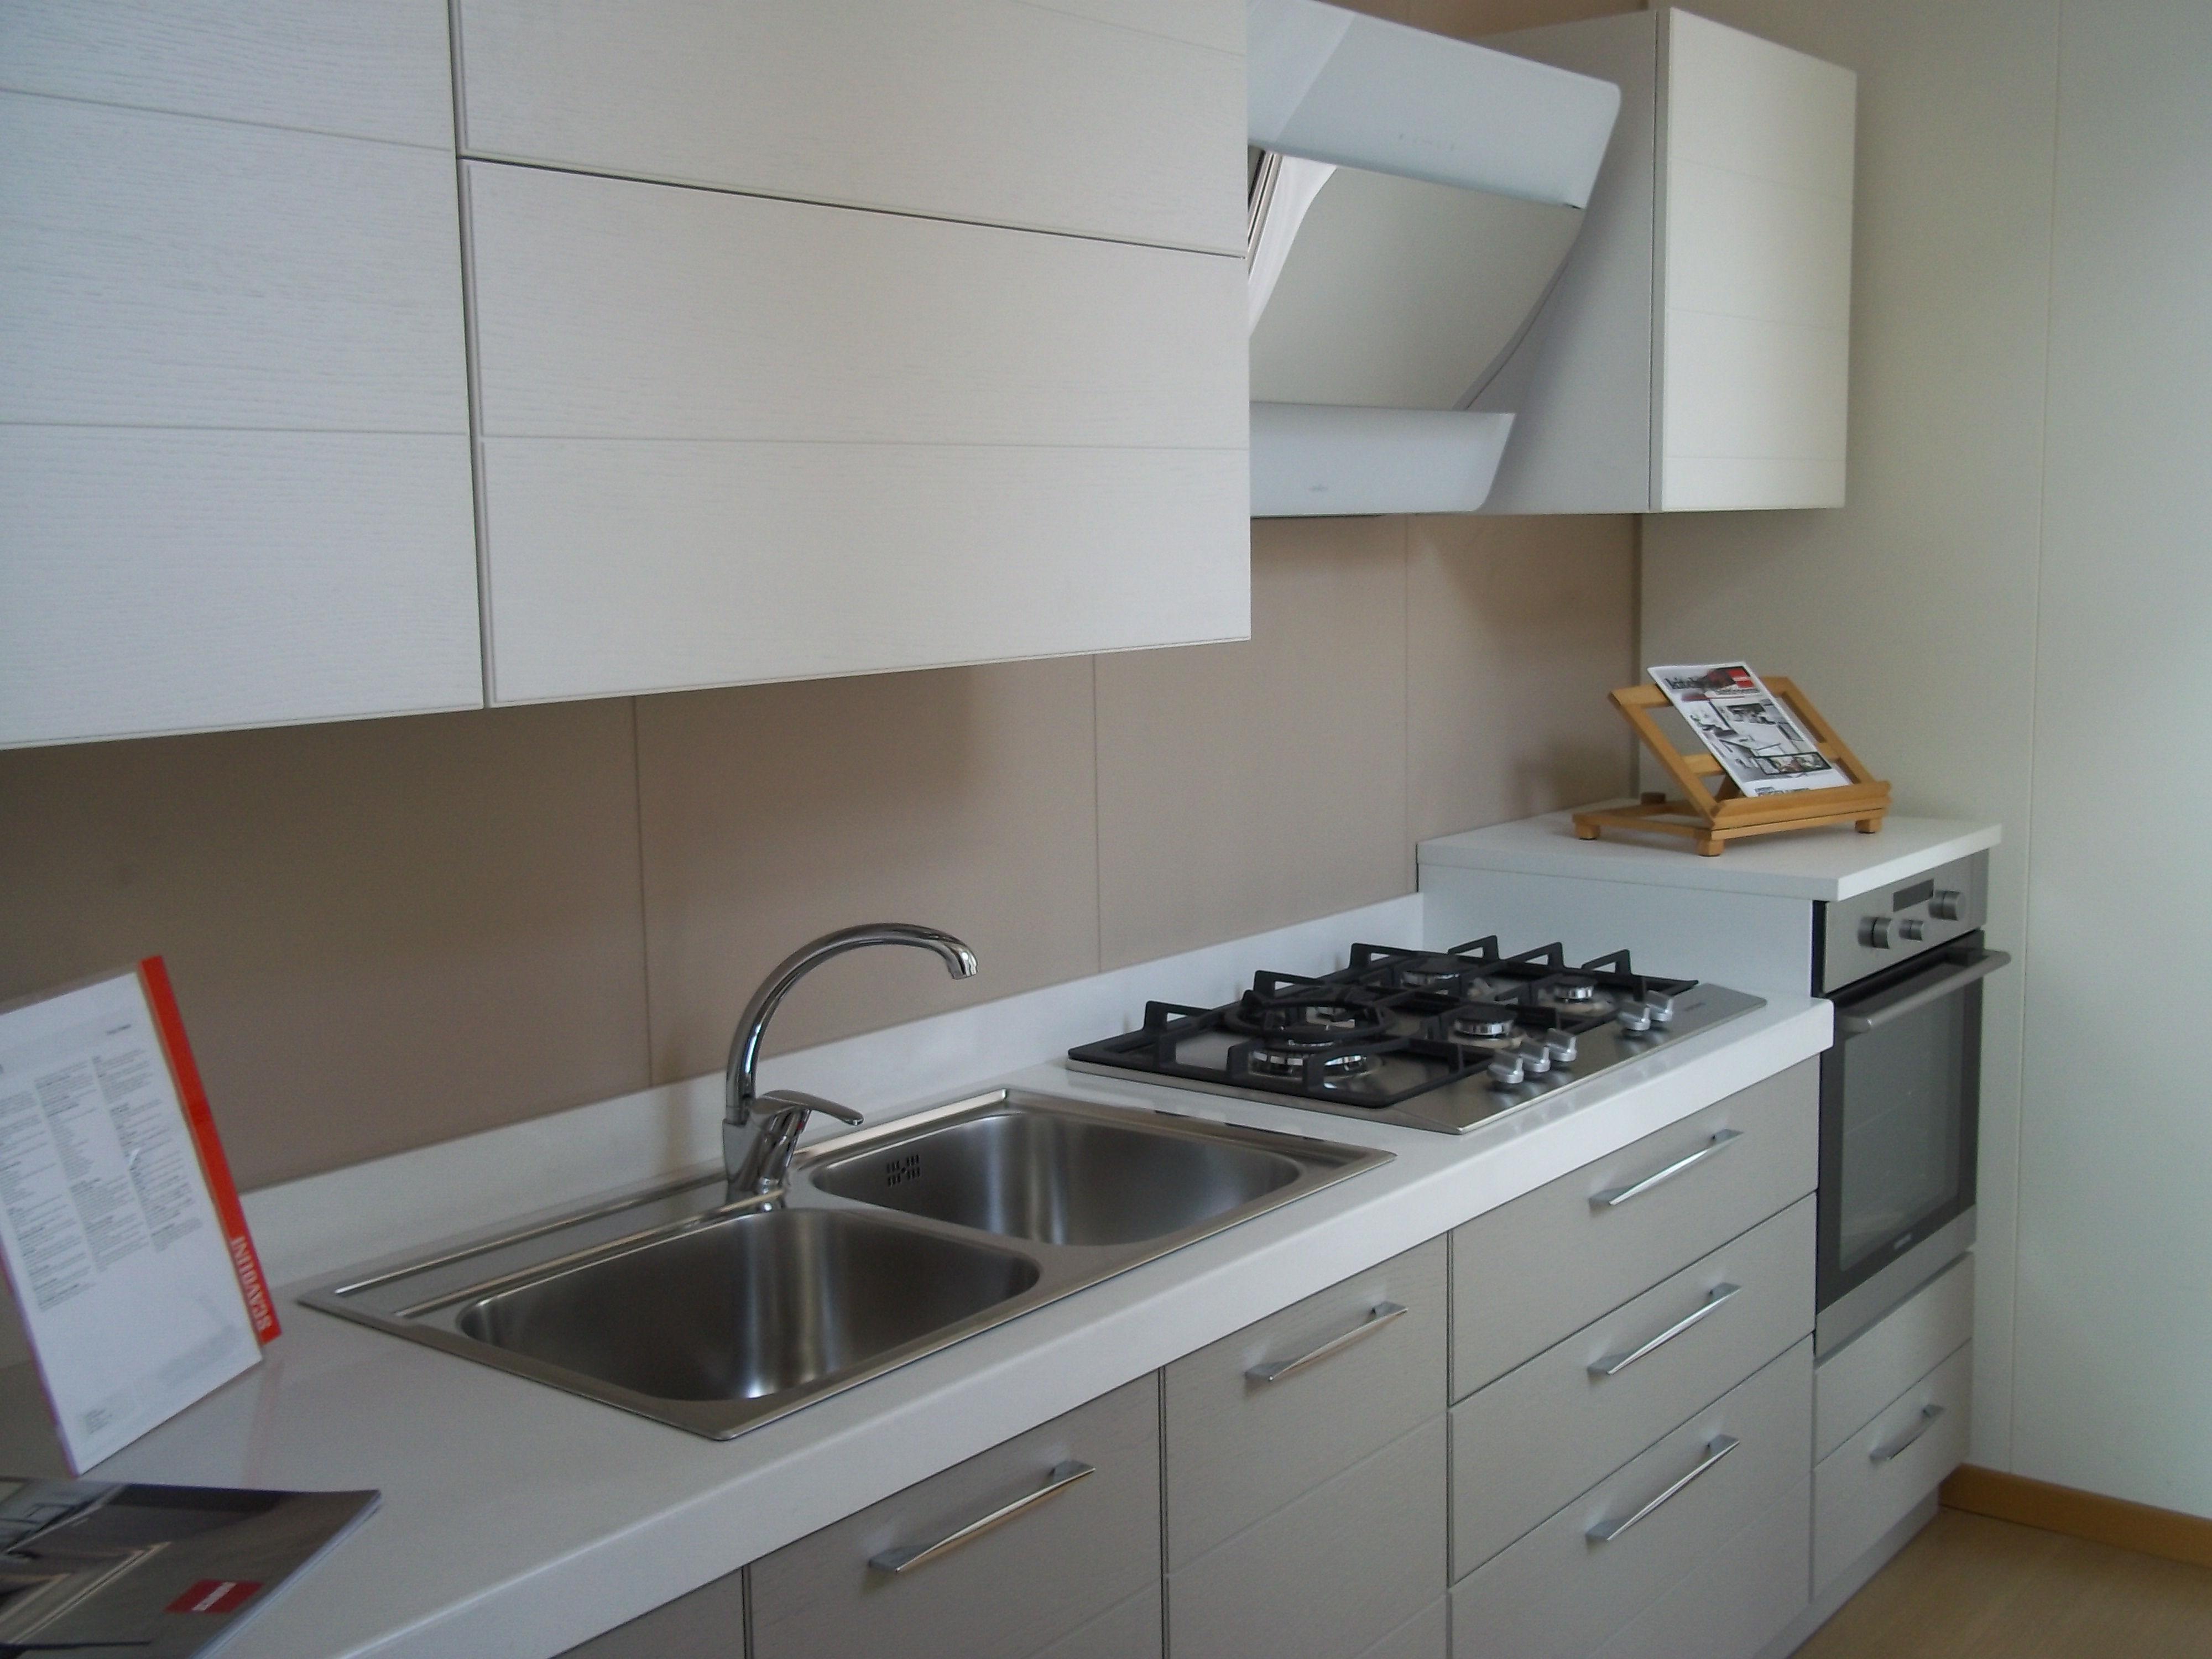 Scavolini open legno cucine a prezzi scontati - Cucina scavolini open prezzi ...